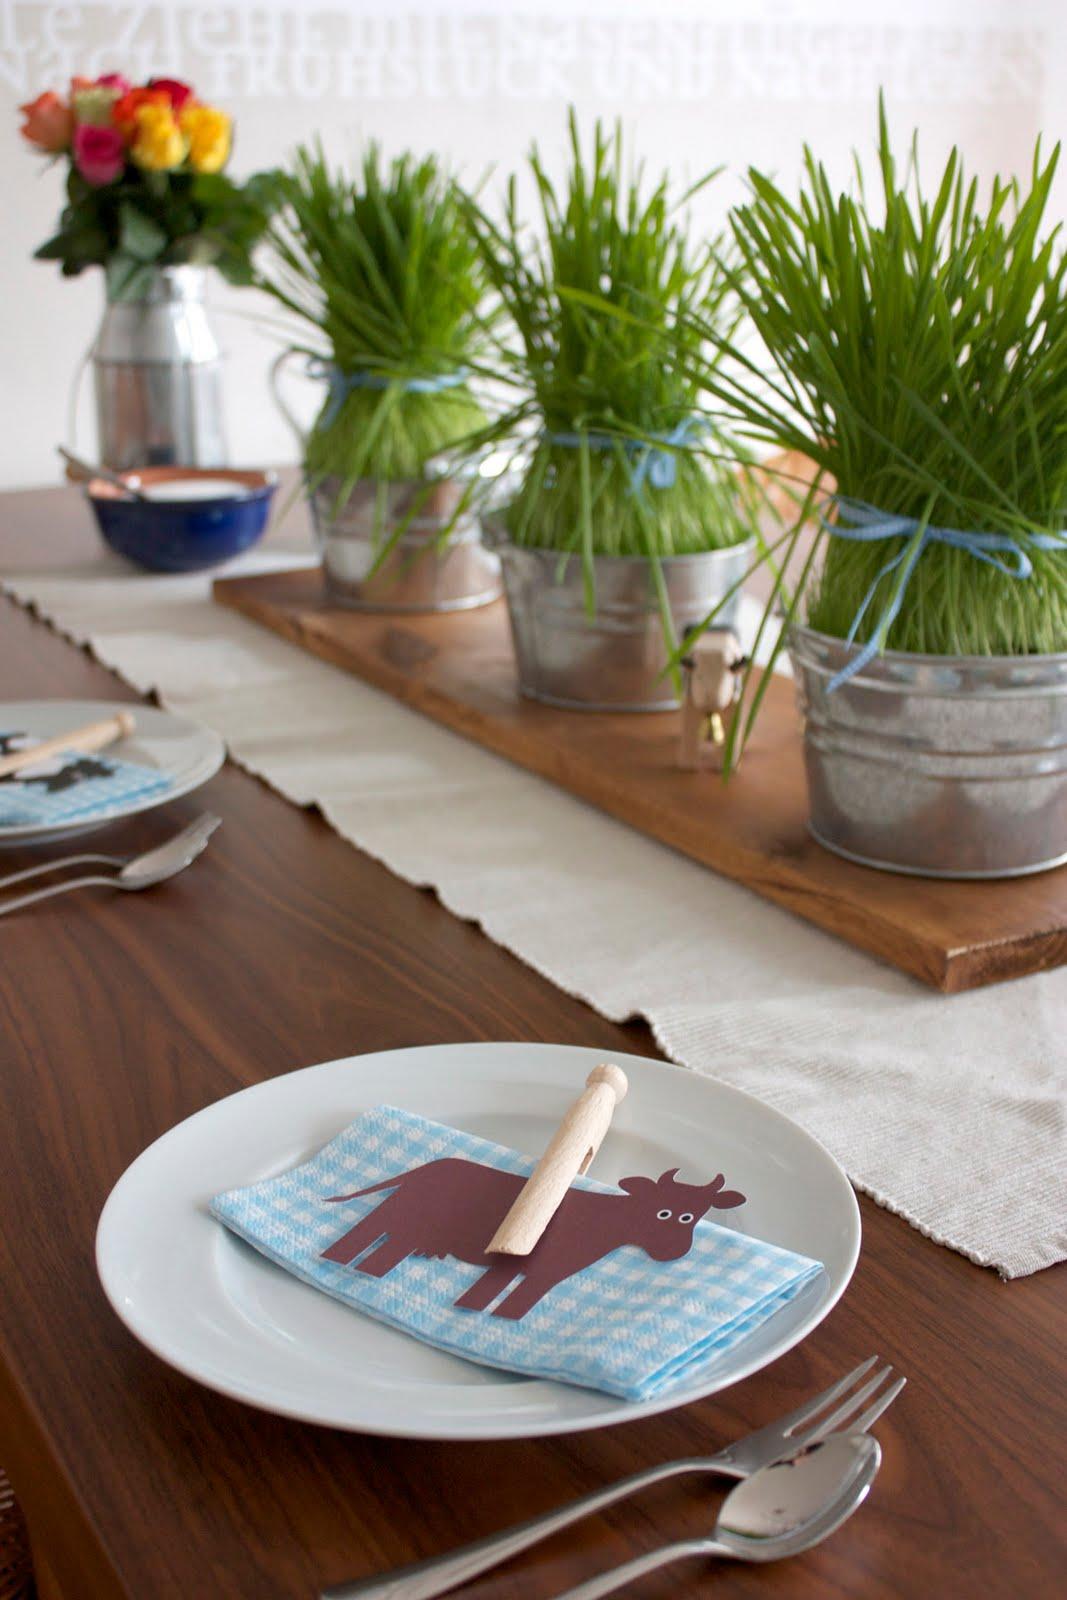 raumdinge almengl ck auf dem geburtstagstisch. Black Bedroom Furniture Sets. Home Design Ideas